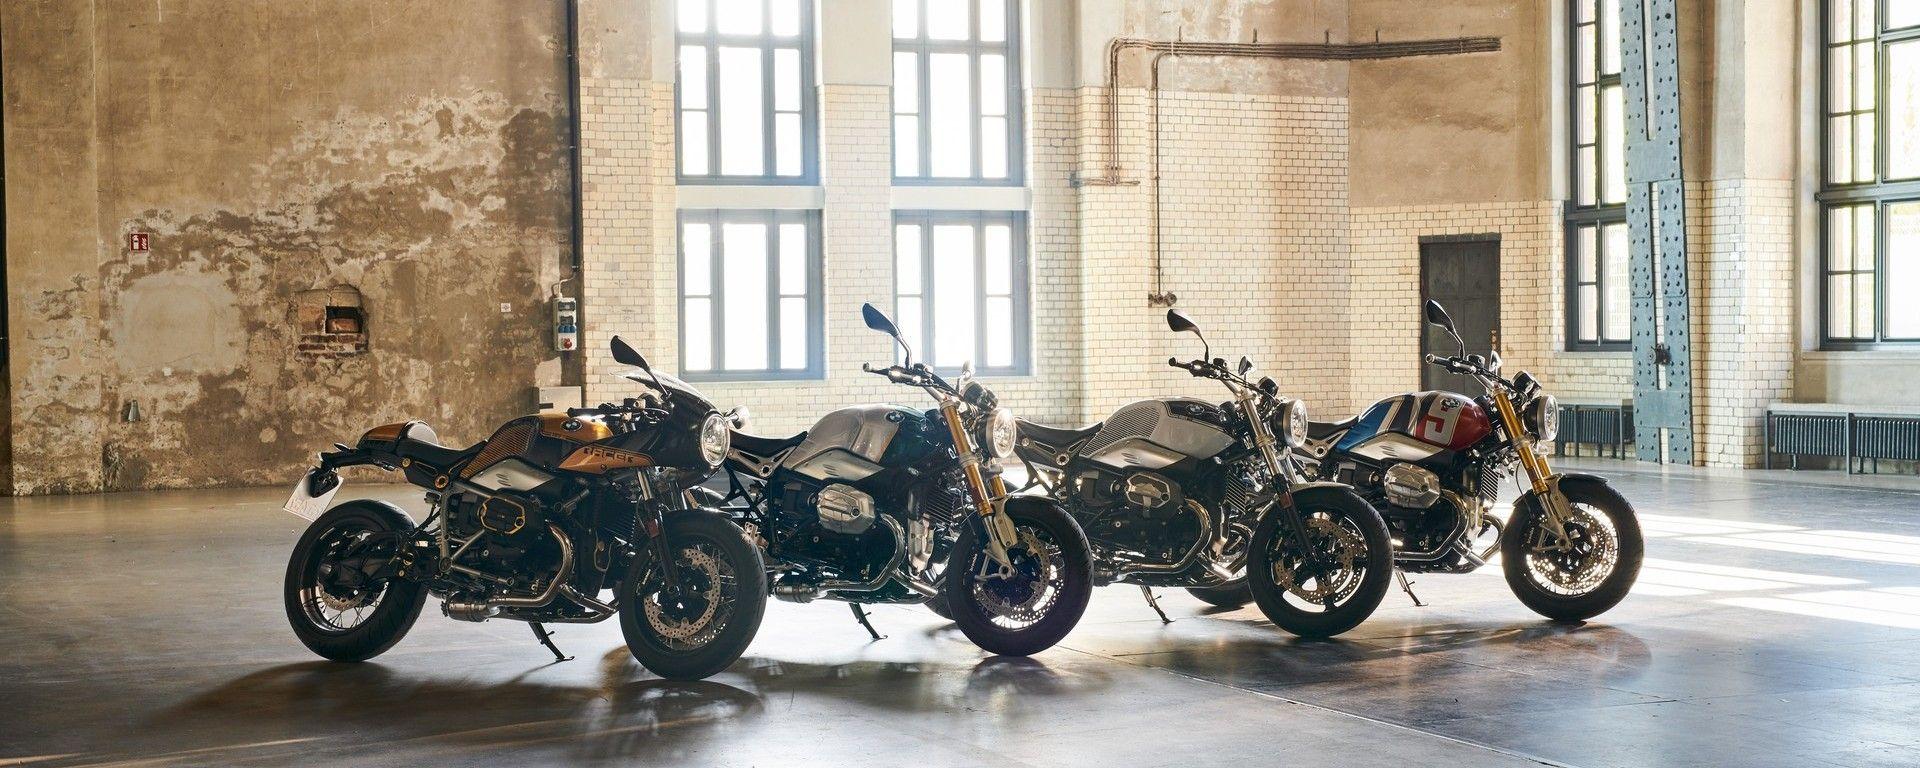 BMW: le novità della gamma 2019 presentate a Garmisch